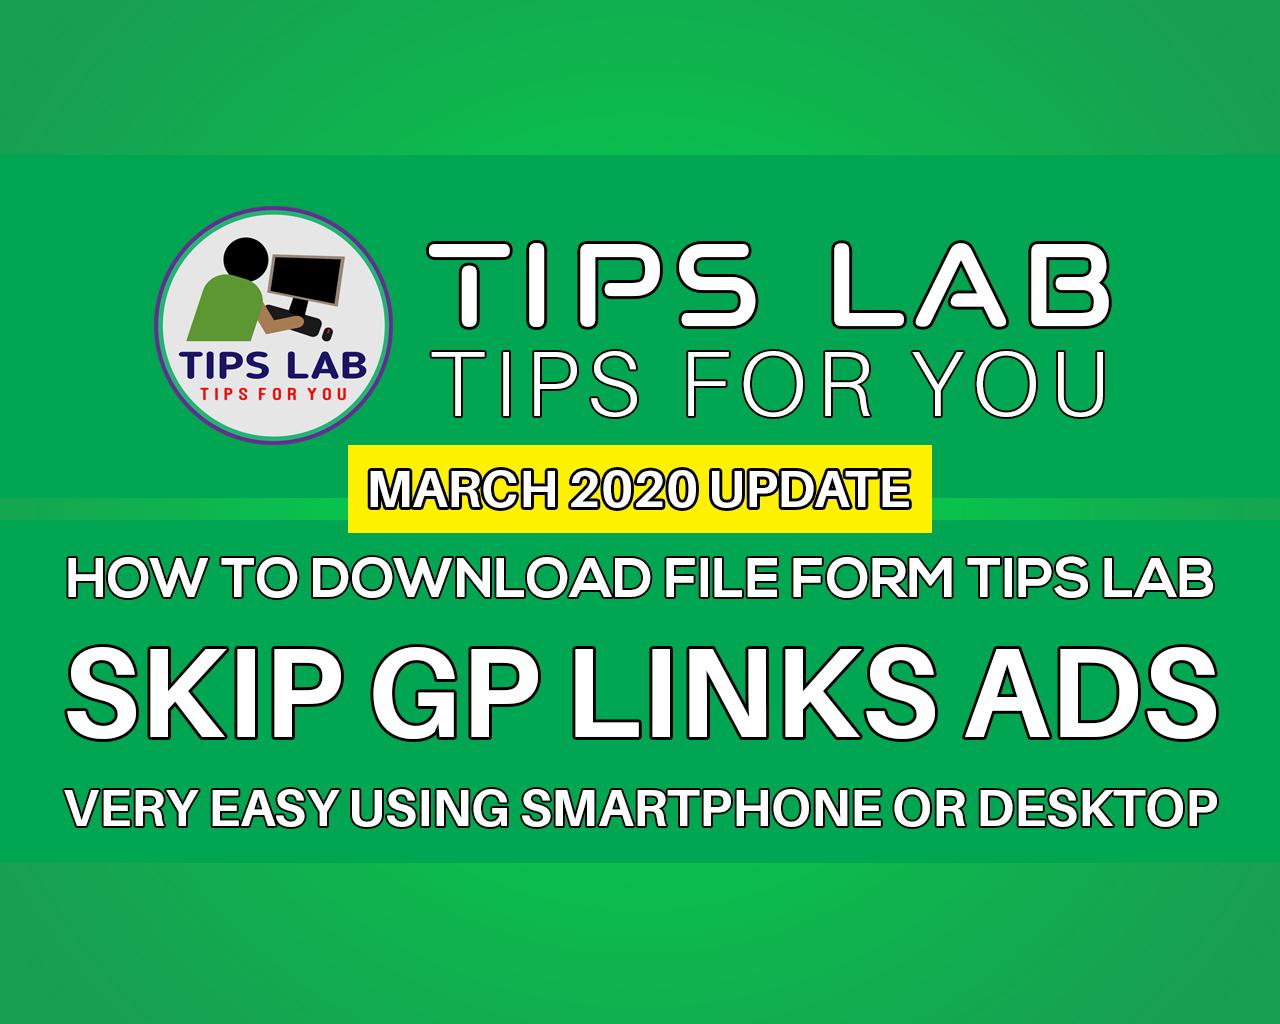 Tips Lab